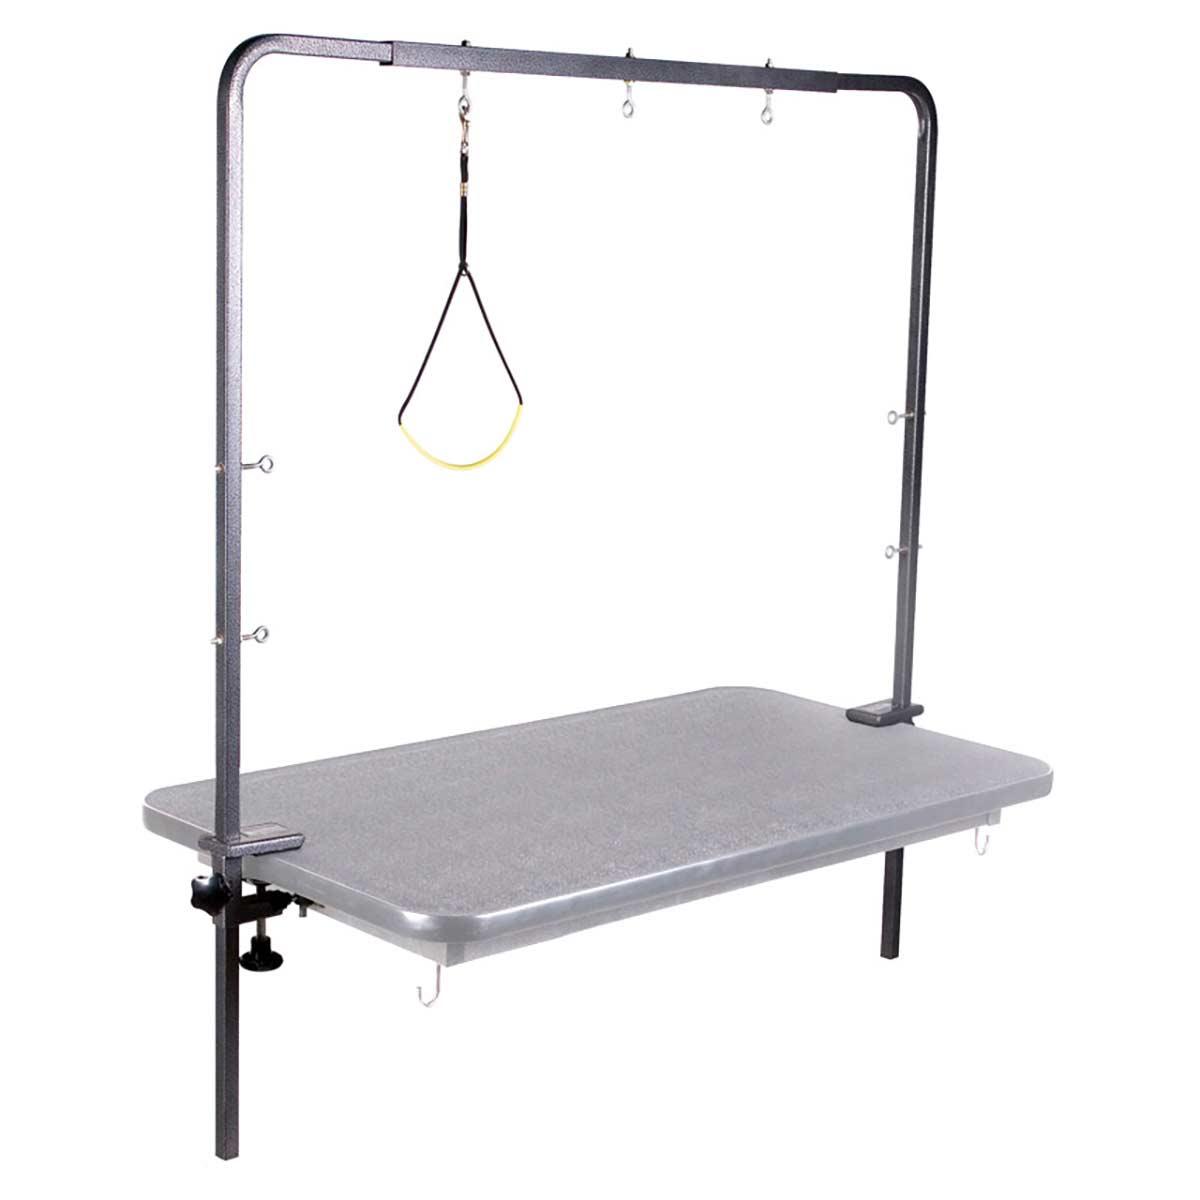 Side View ComfortGroom Overhead Grooming Arm for Grooming Table